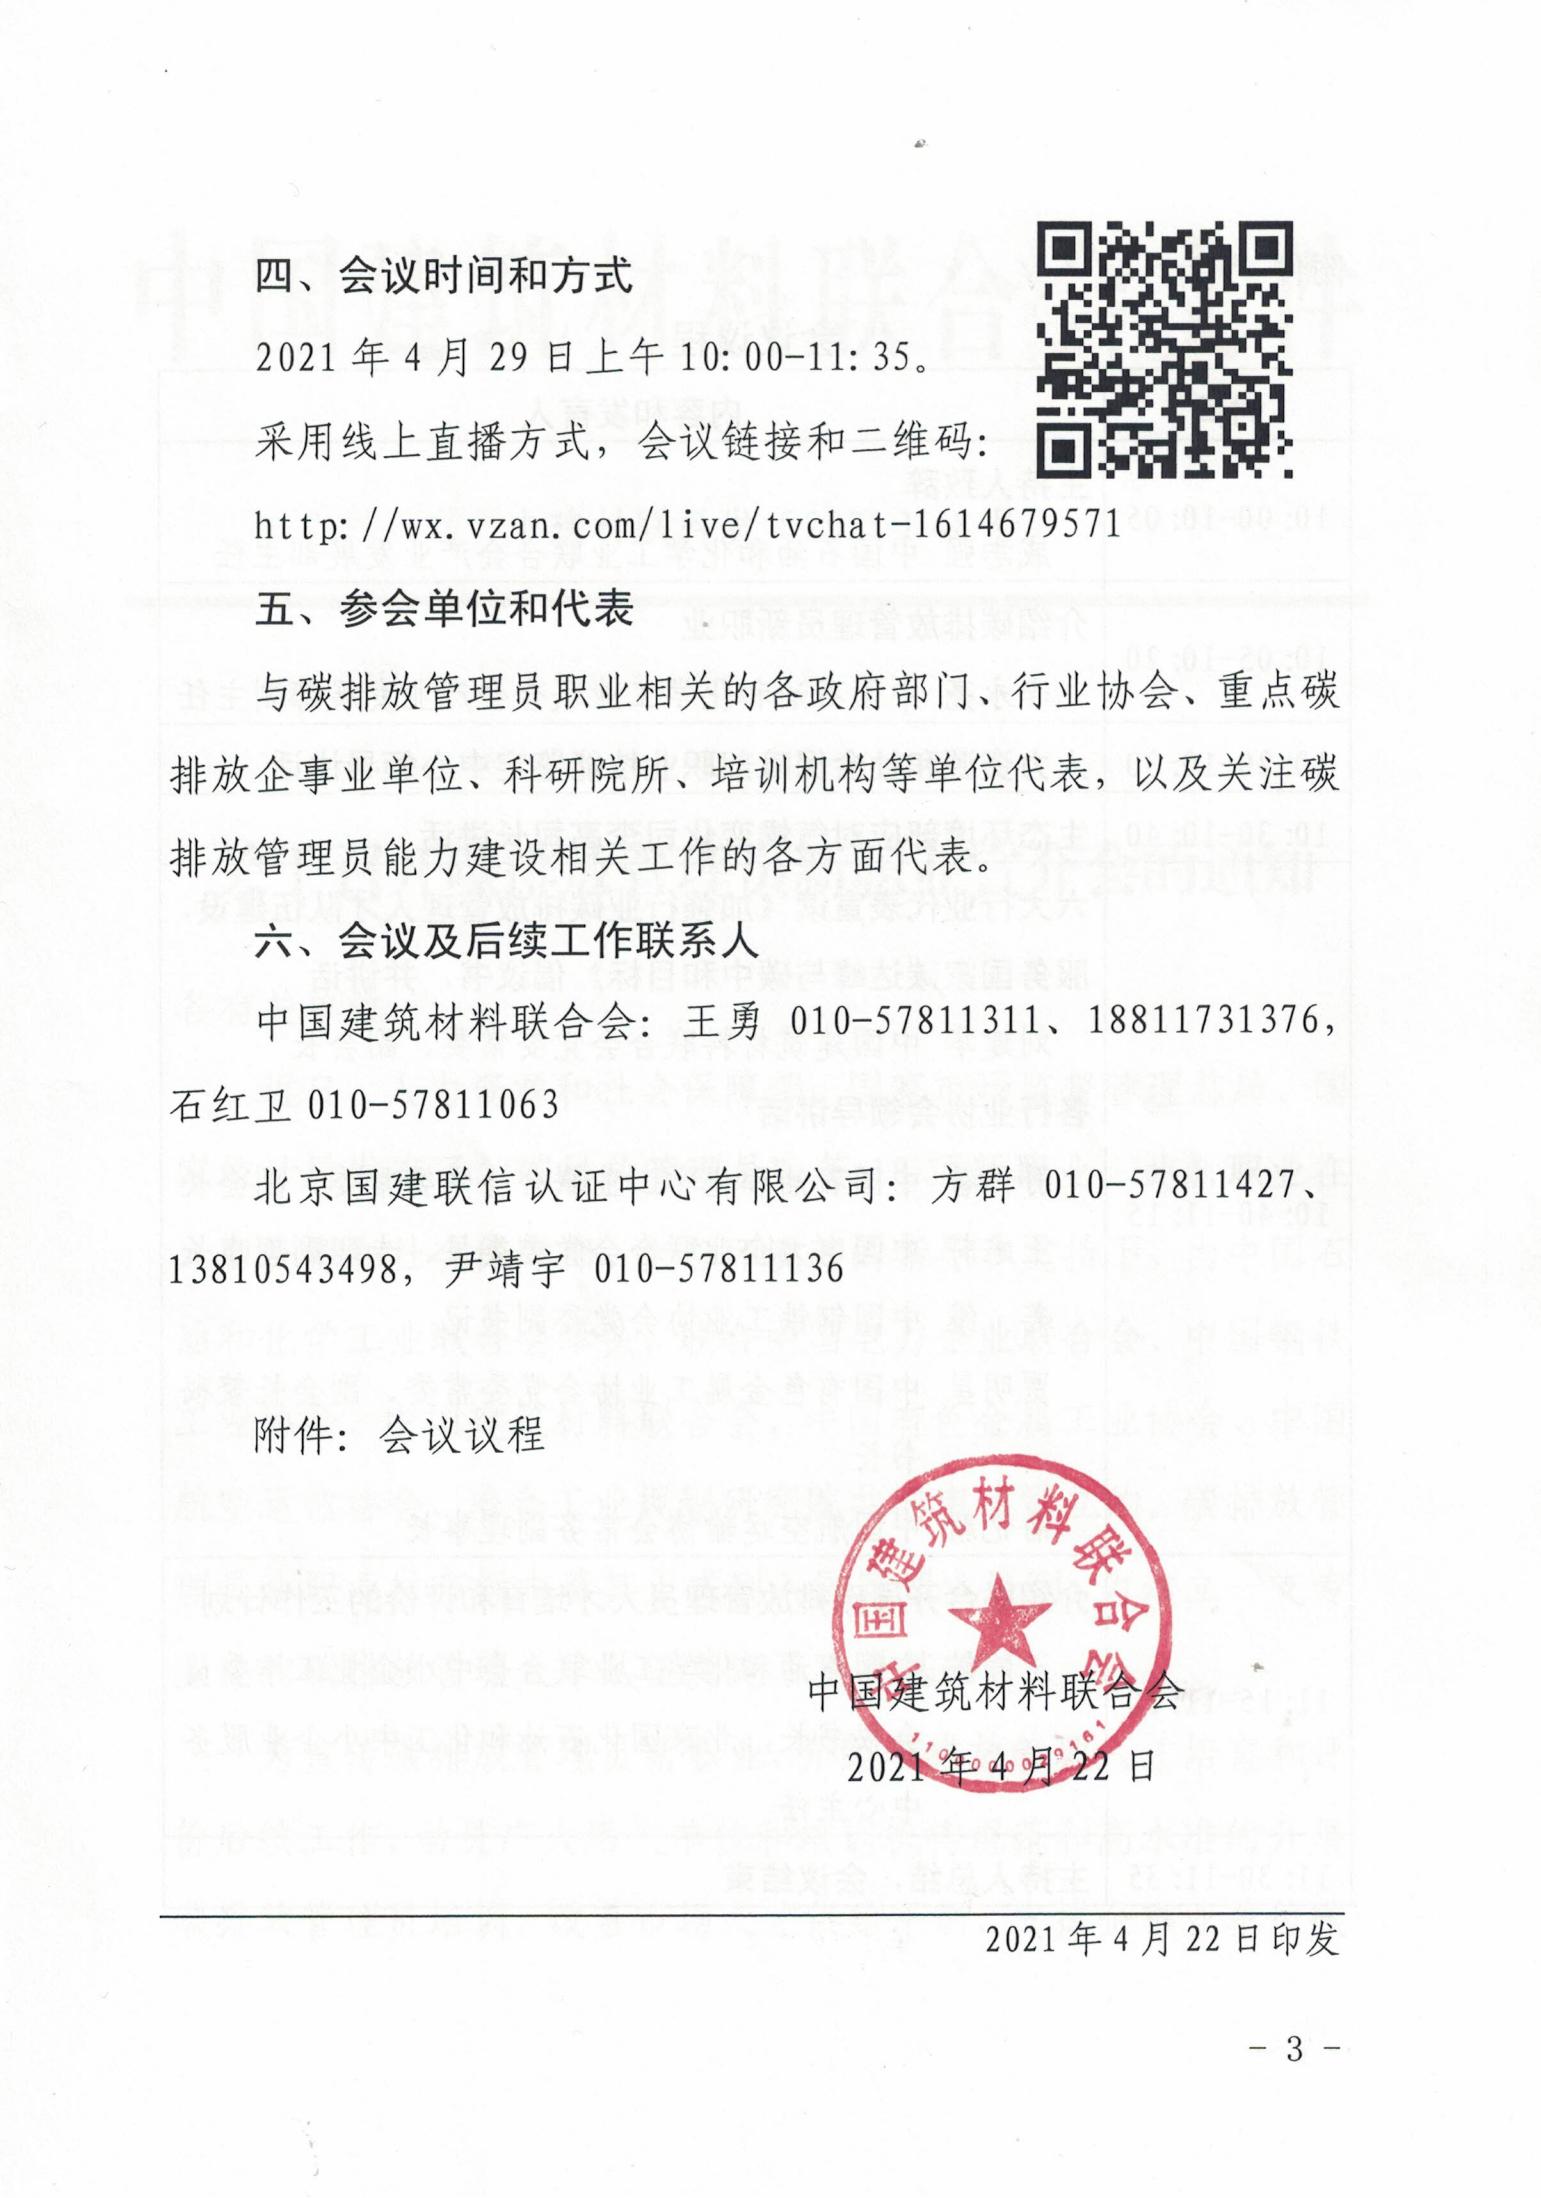 關于召開碳排放管理員新職業宣介會的通知(2)_02.png